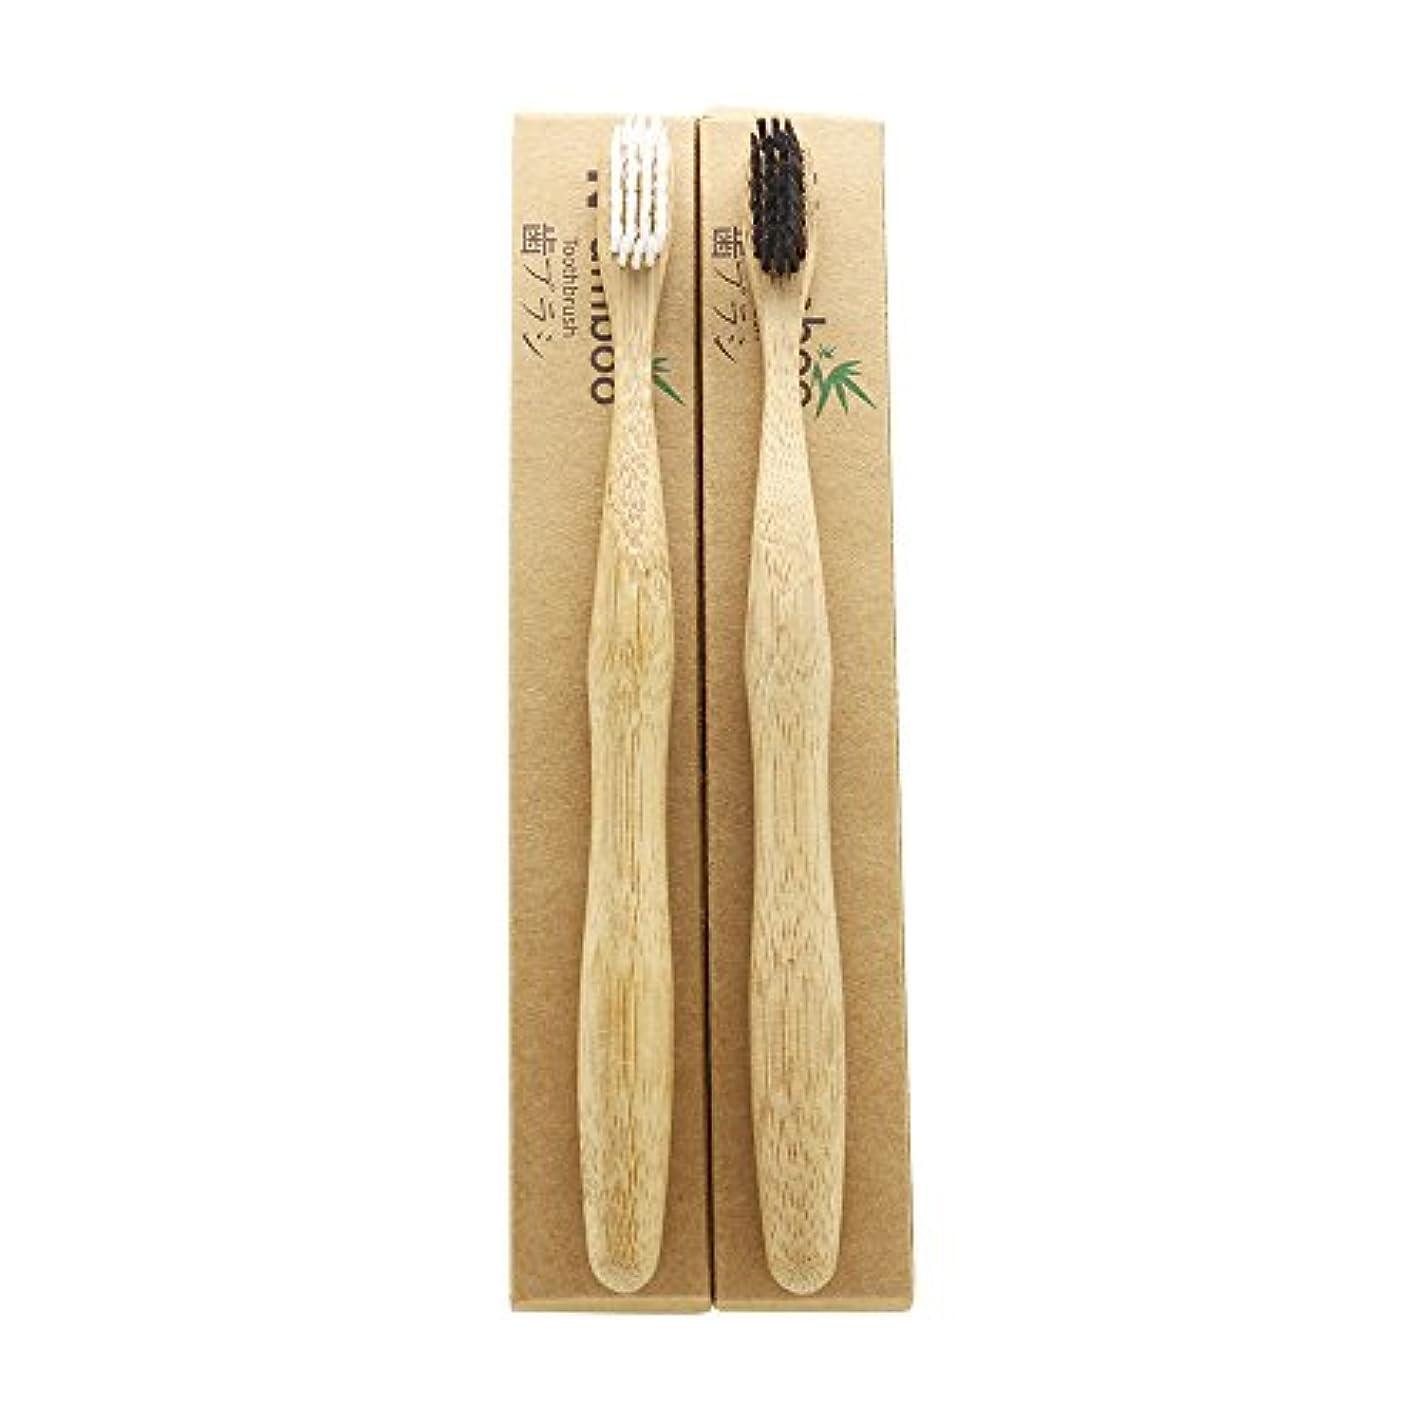 悪化する受け入れる数字N-amboo 竹製 歯ブラシ 高耐久性 白と黒 セット エコ  (2本)